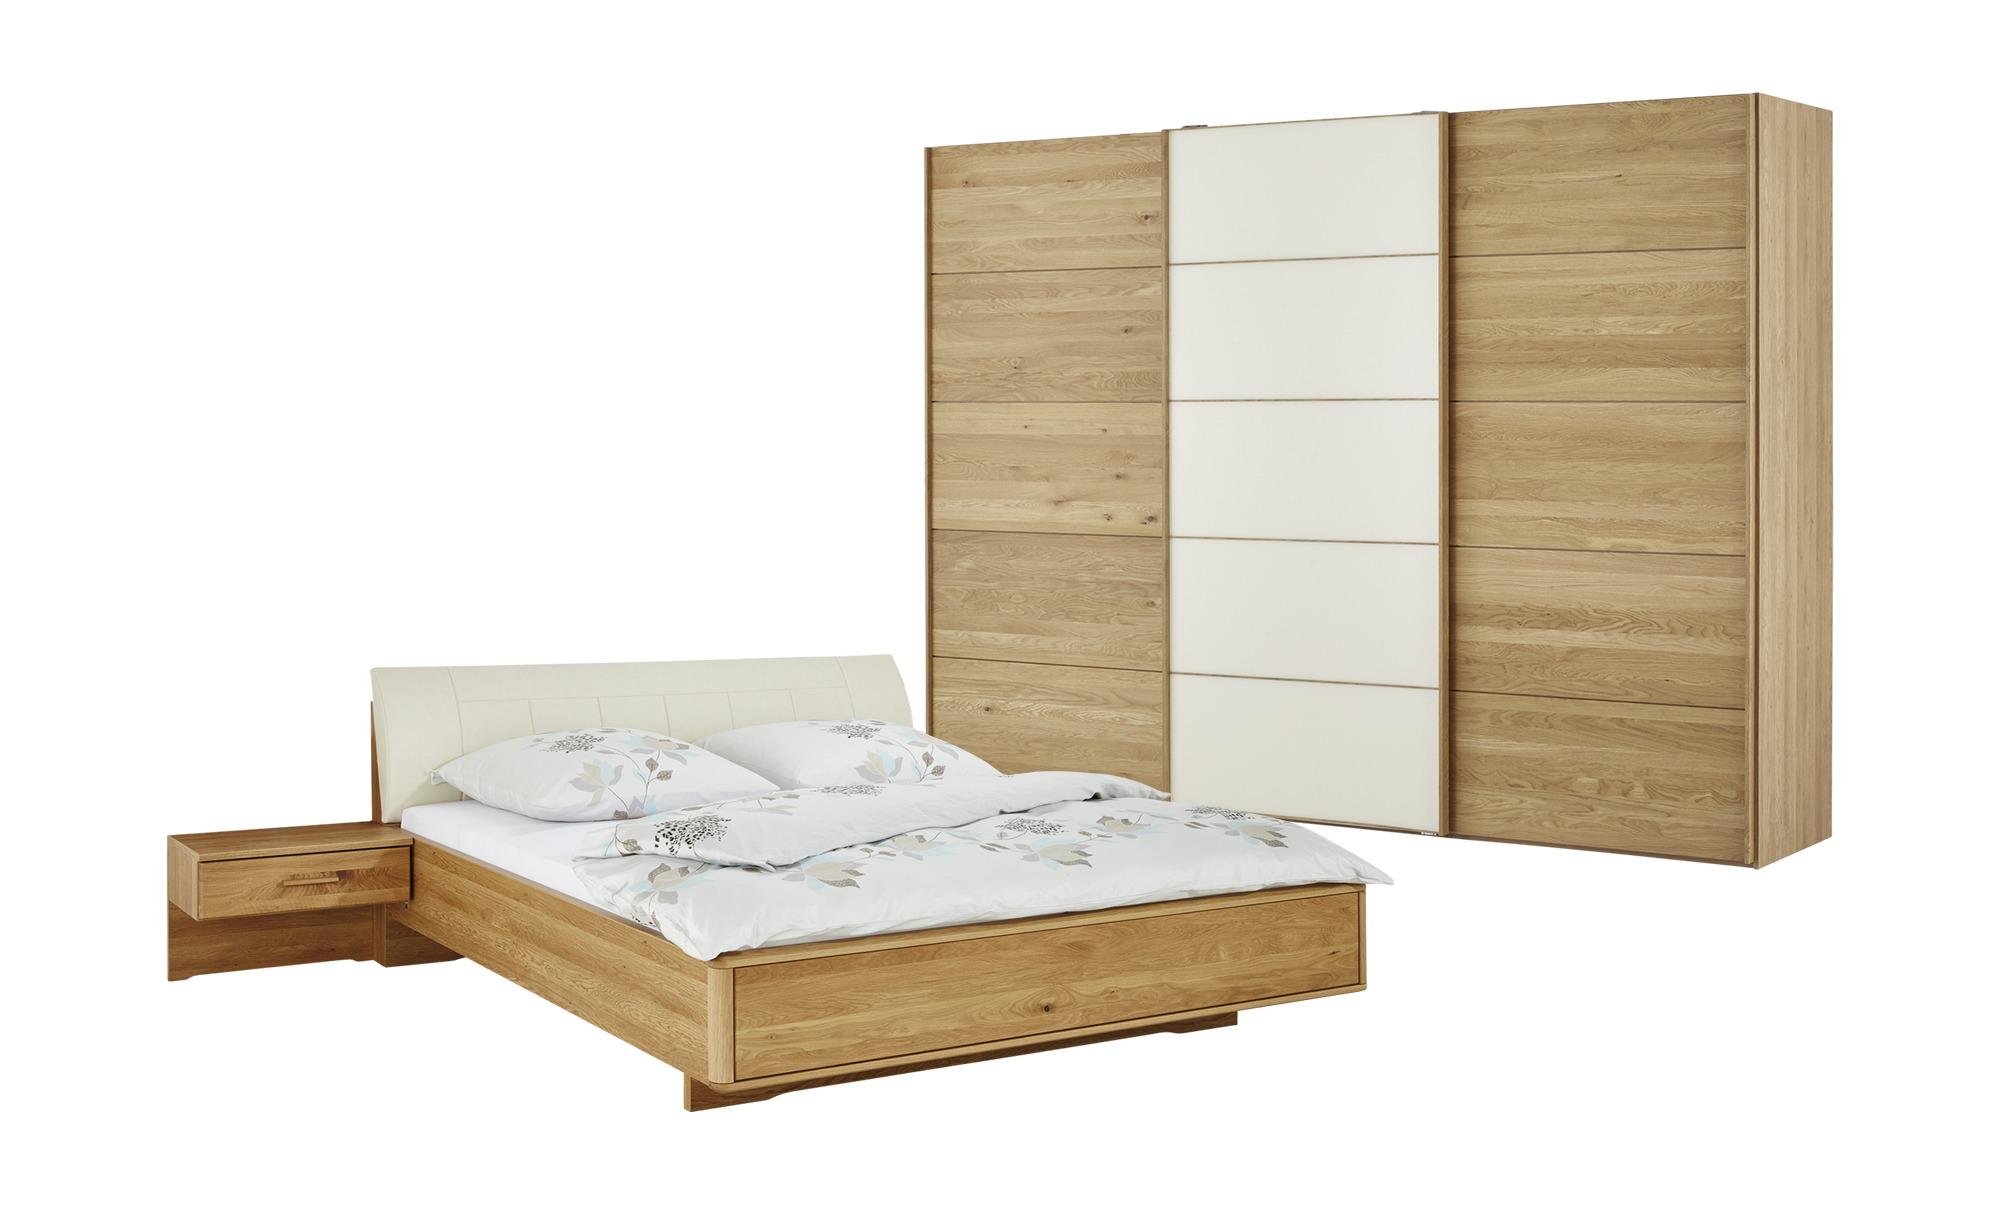 Woodford Komplett-Schlafzimmer Kyran - Bei Möbel Kraft online kaufen